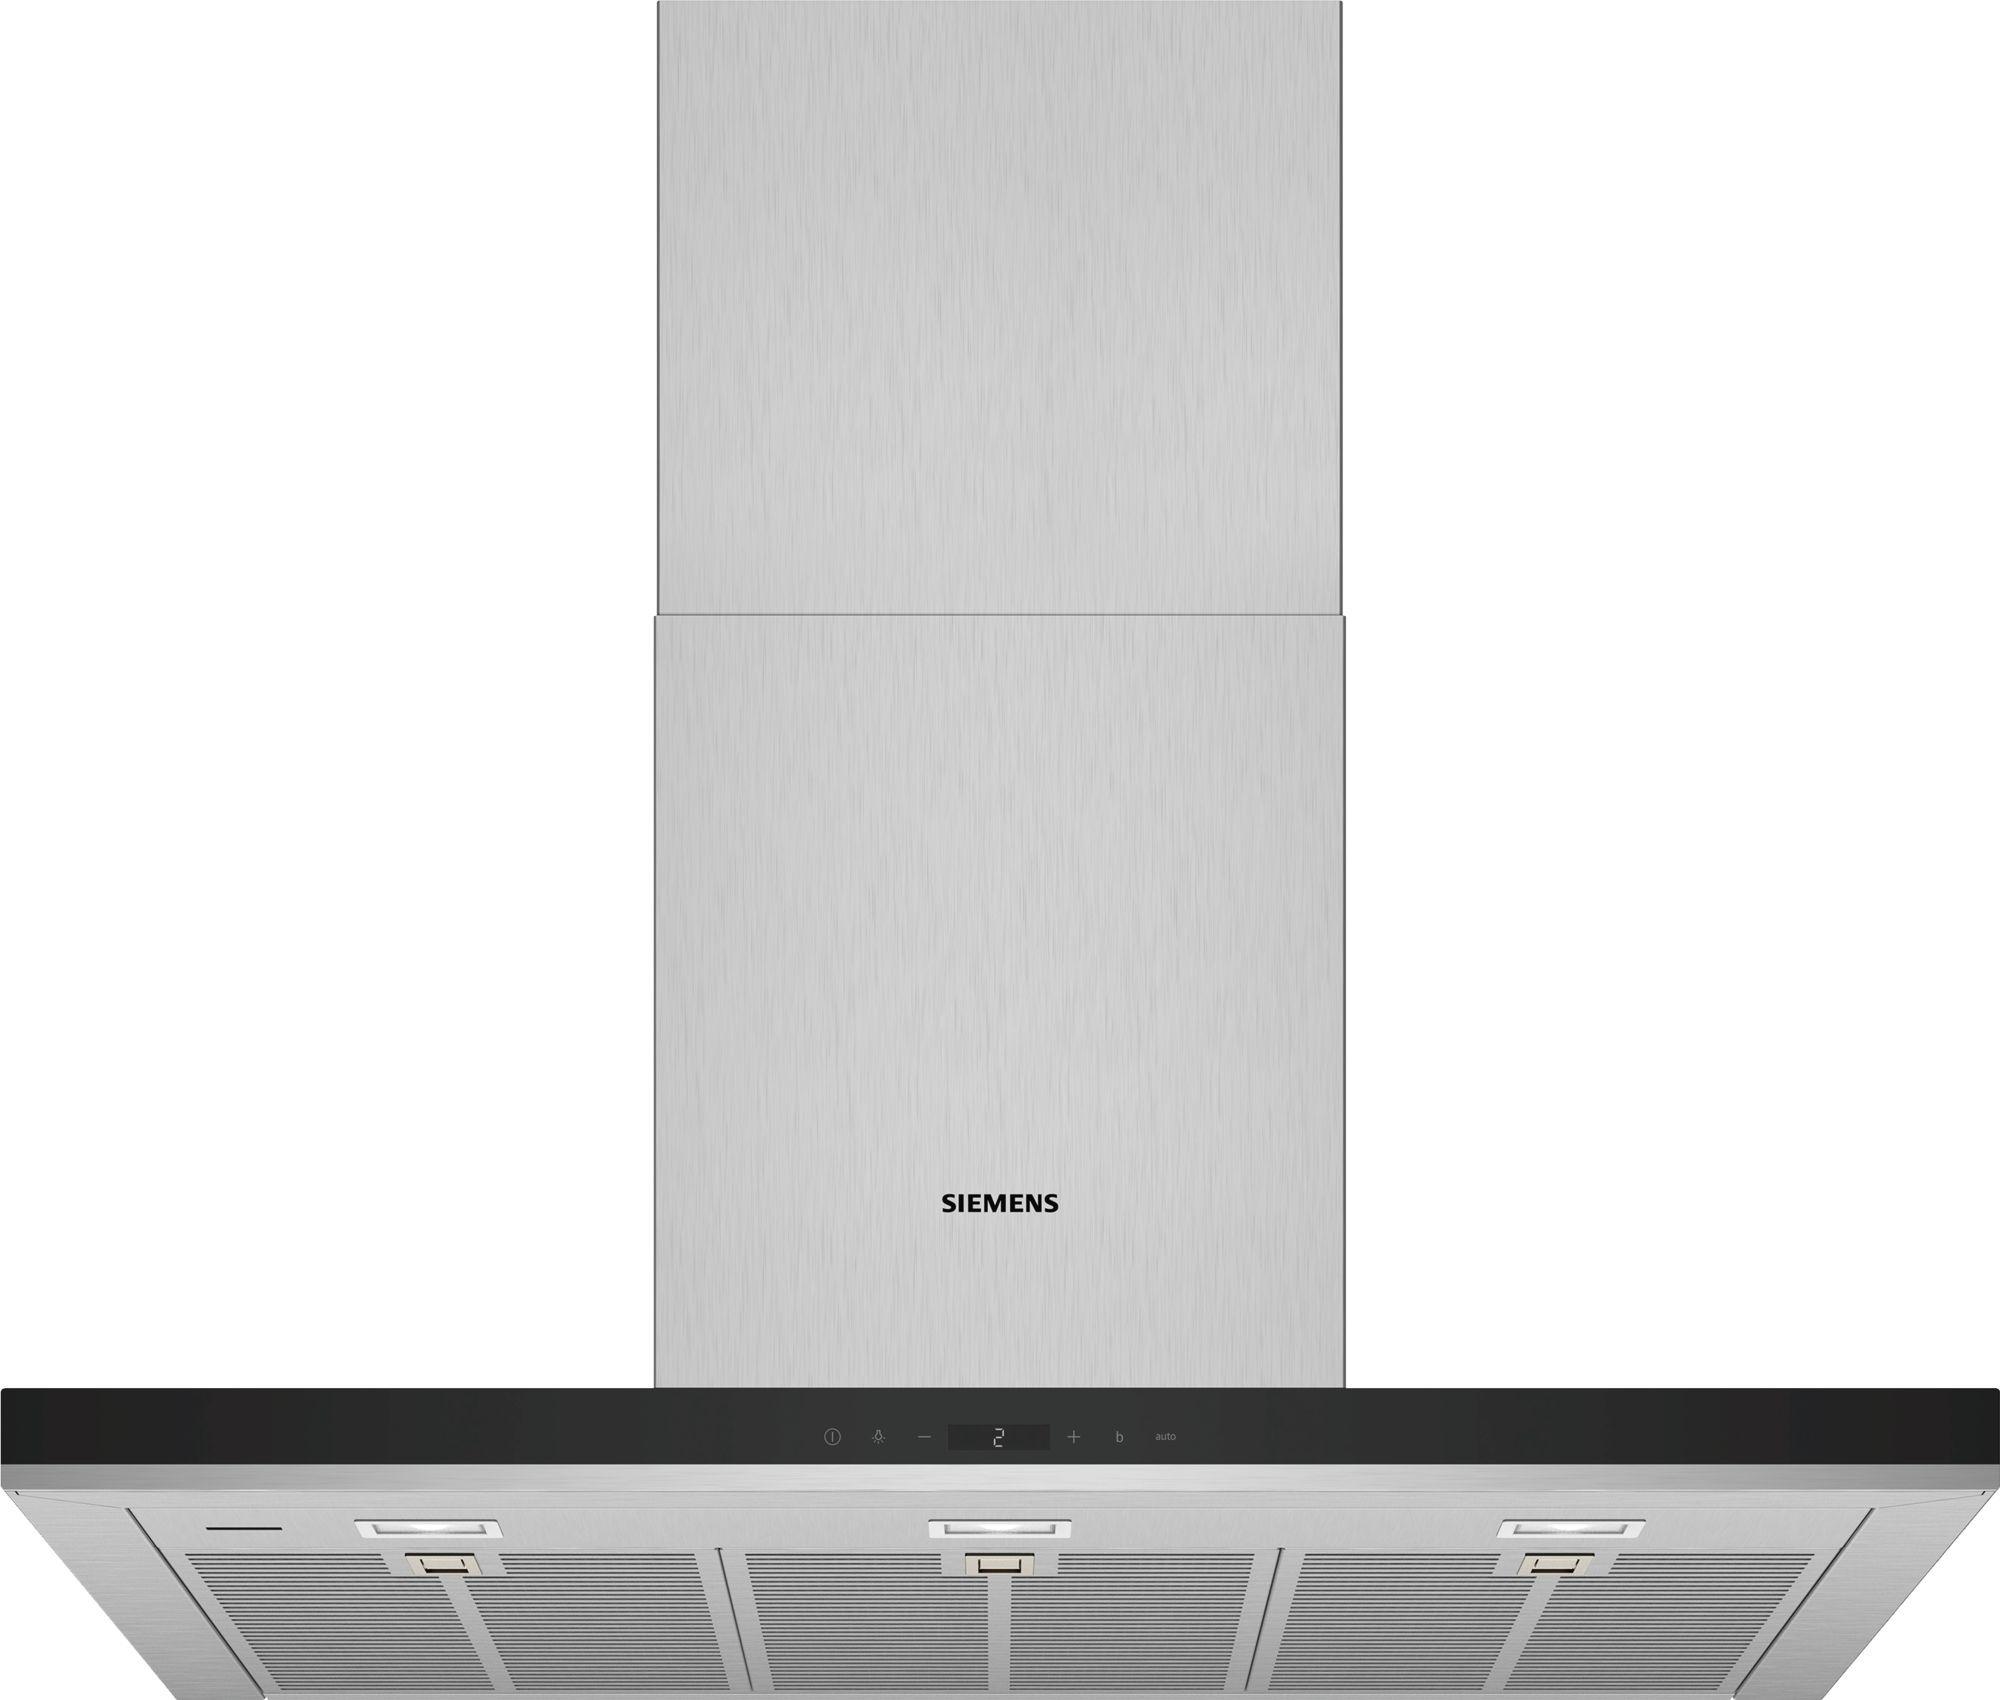 Siemens LC98BIT50 Schouwkap Staal